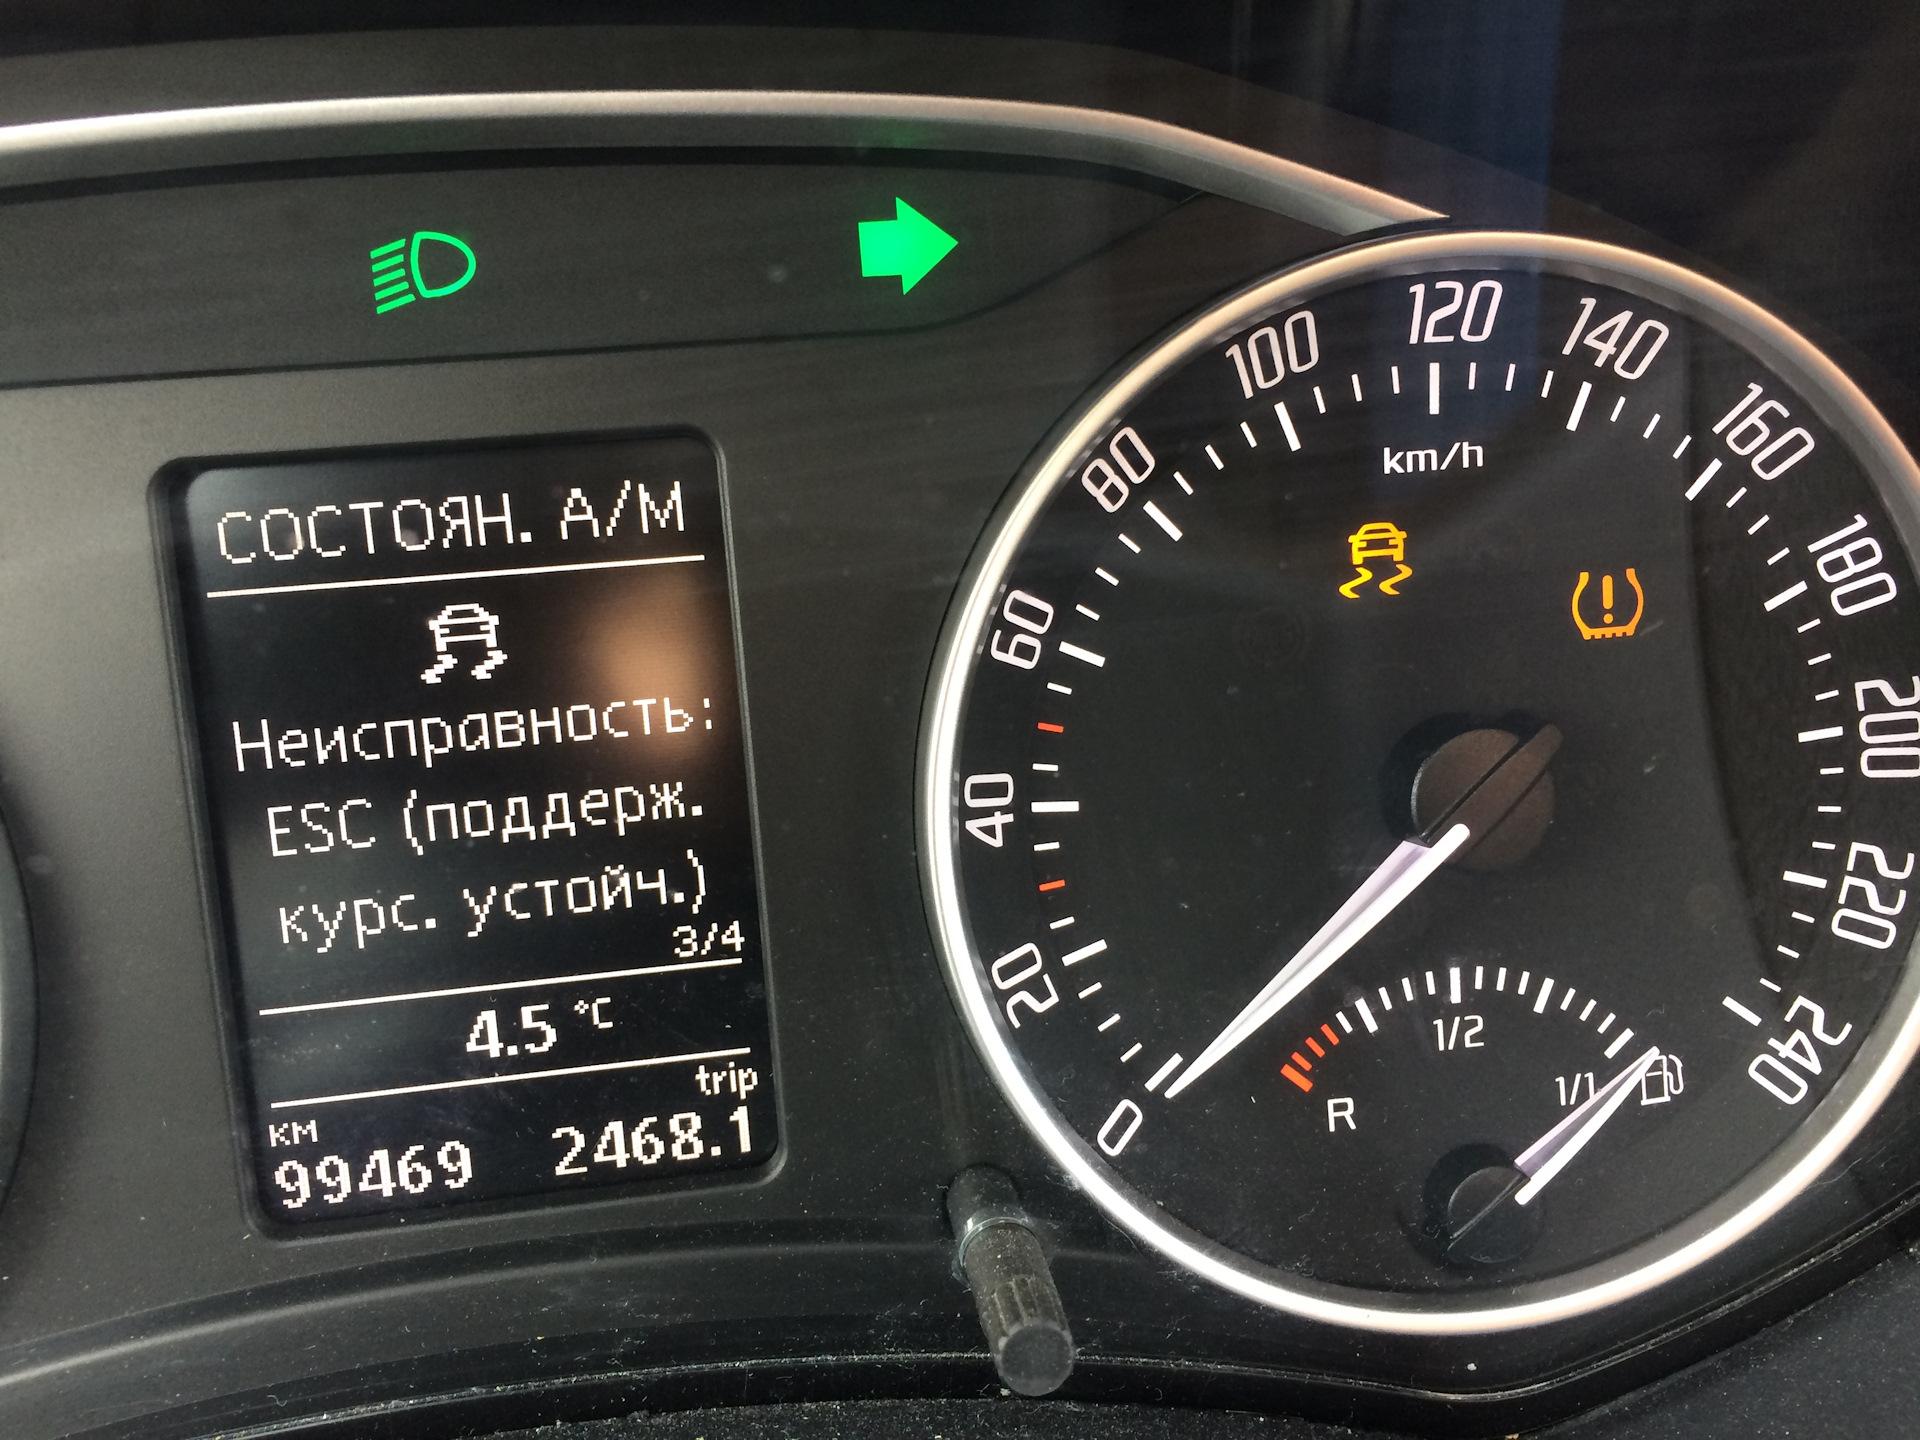 tyumenskiy-oktaviya-klub-pret-azh-siski-drigayutsya